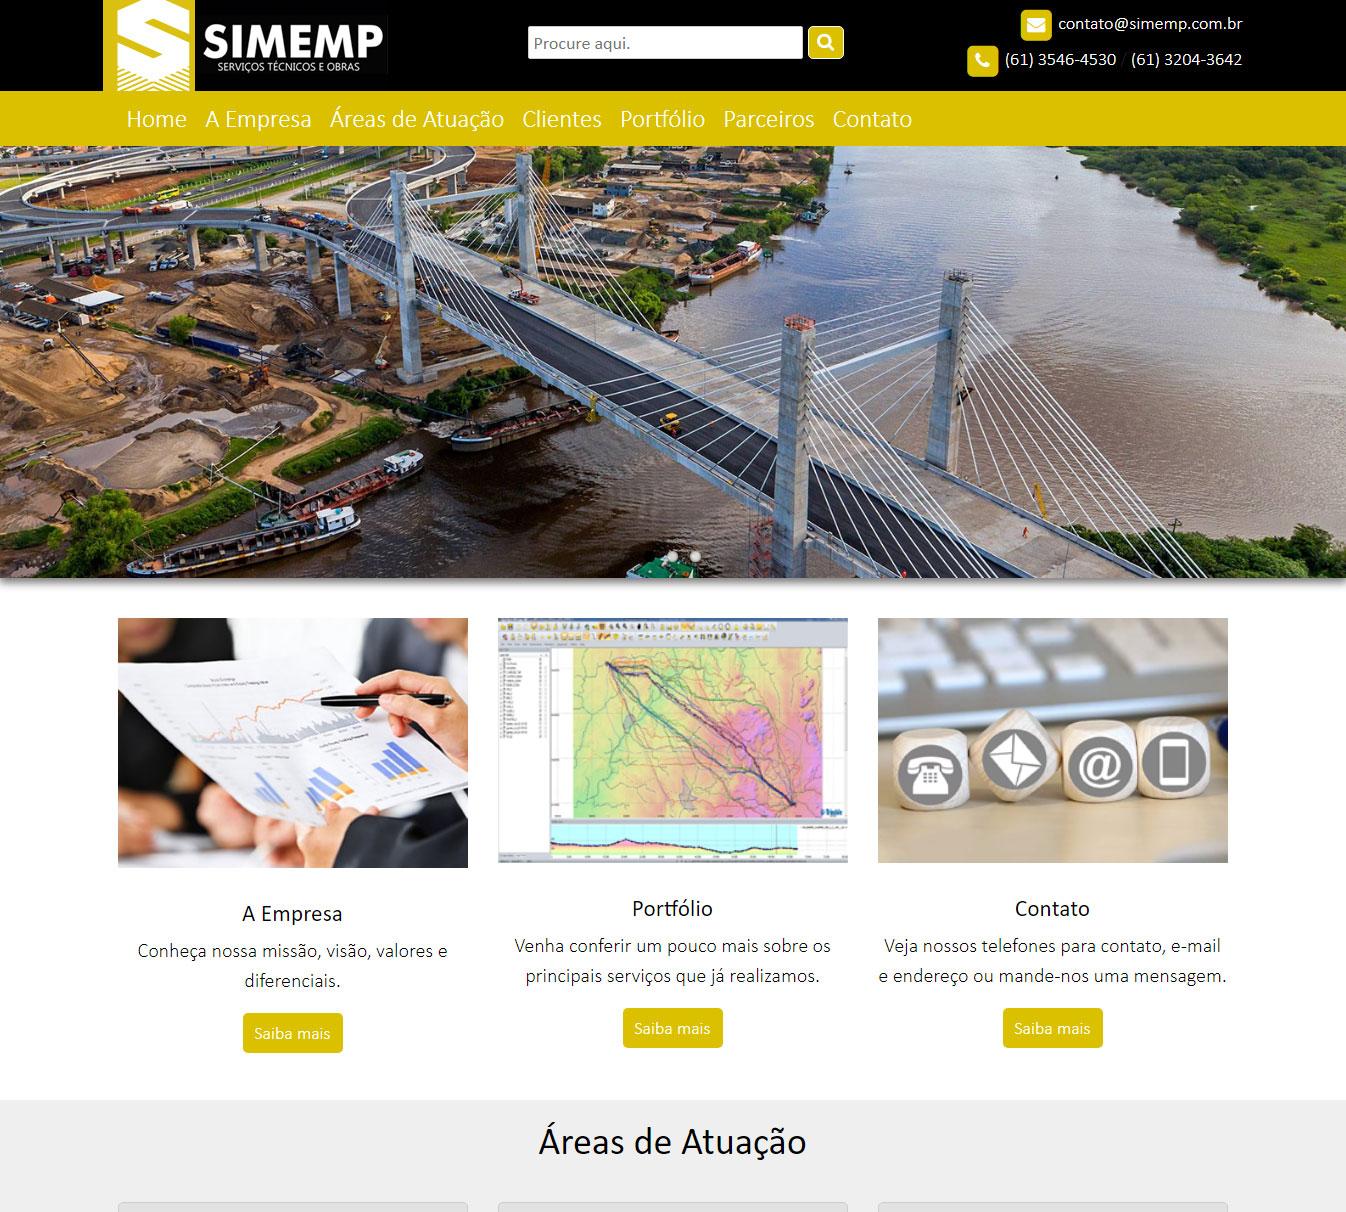 Simemp